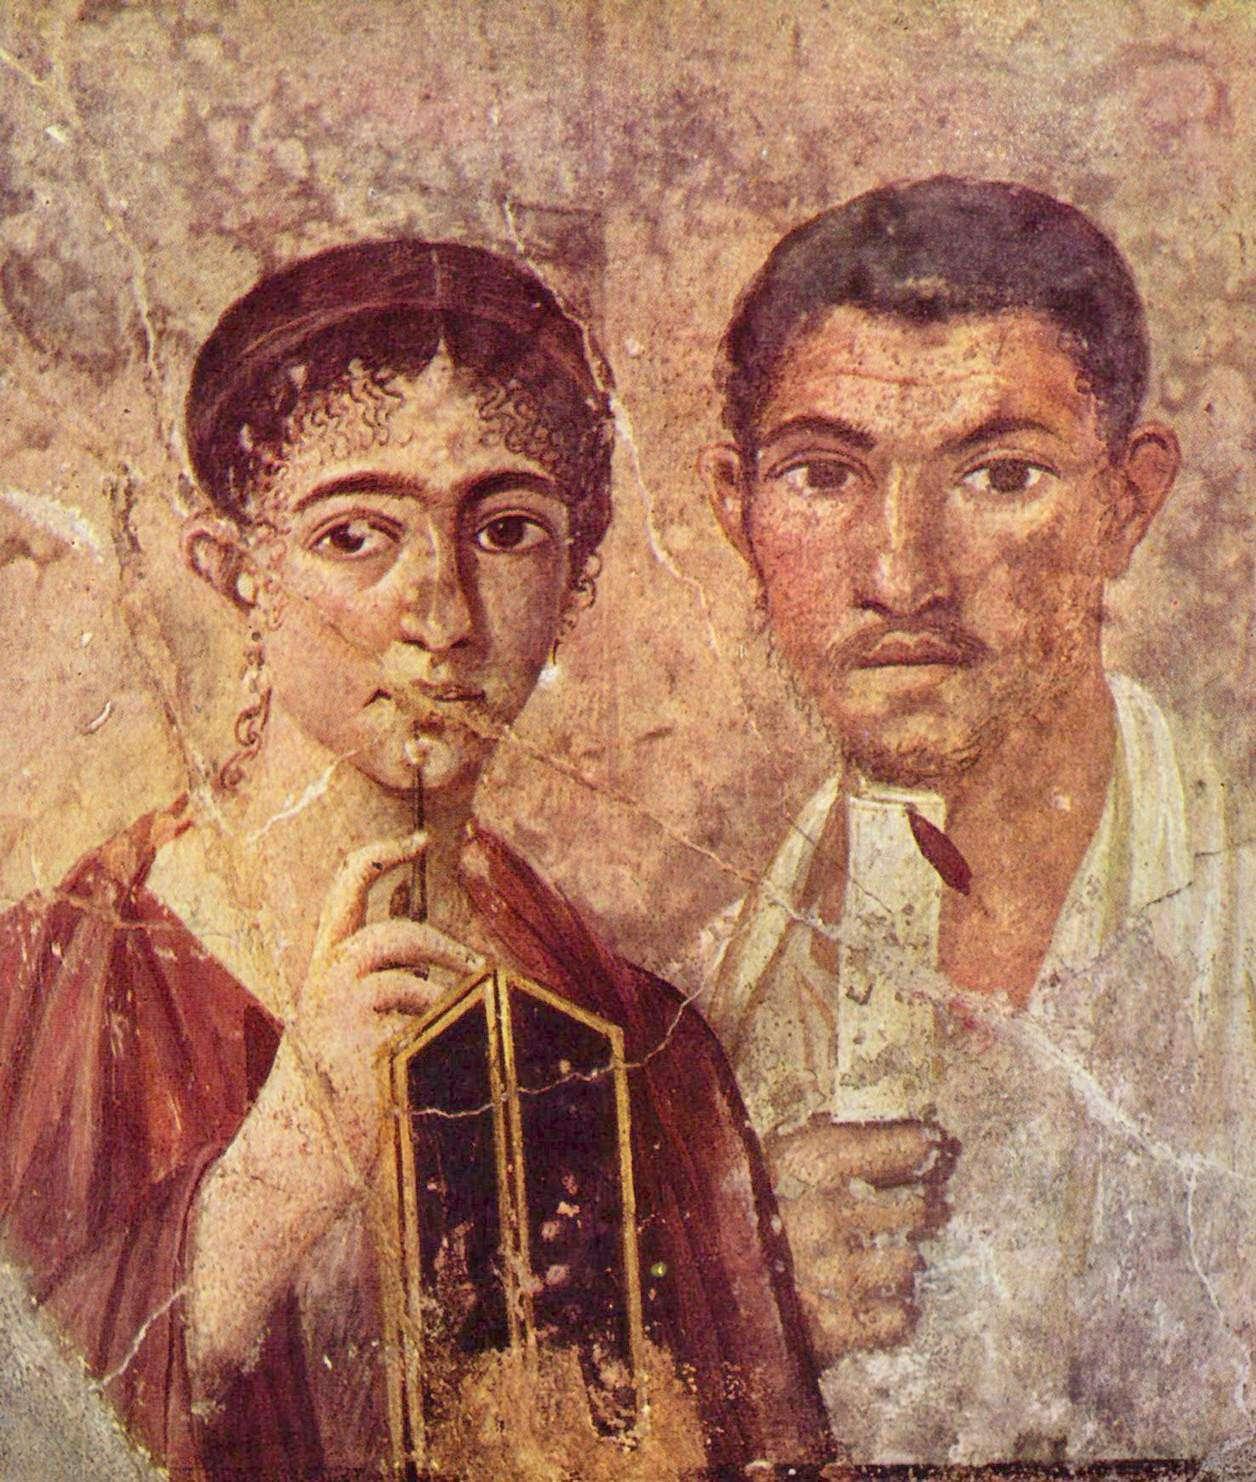 Πορτραίτο του Paquius Proculus και τη συζύγου του από την πόλη της Πομπηίας. Museo Archeologico Nazionale (Νάπολη), περ. 20-30 μ.Χ.